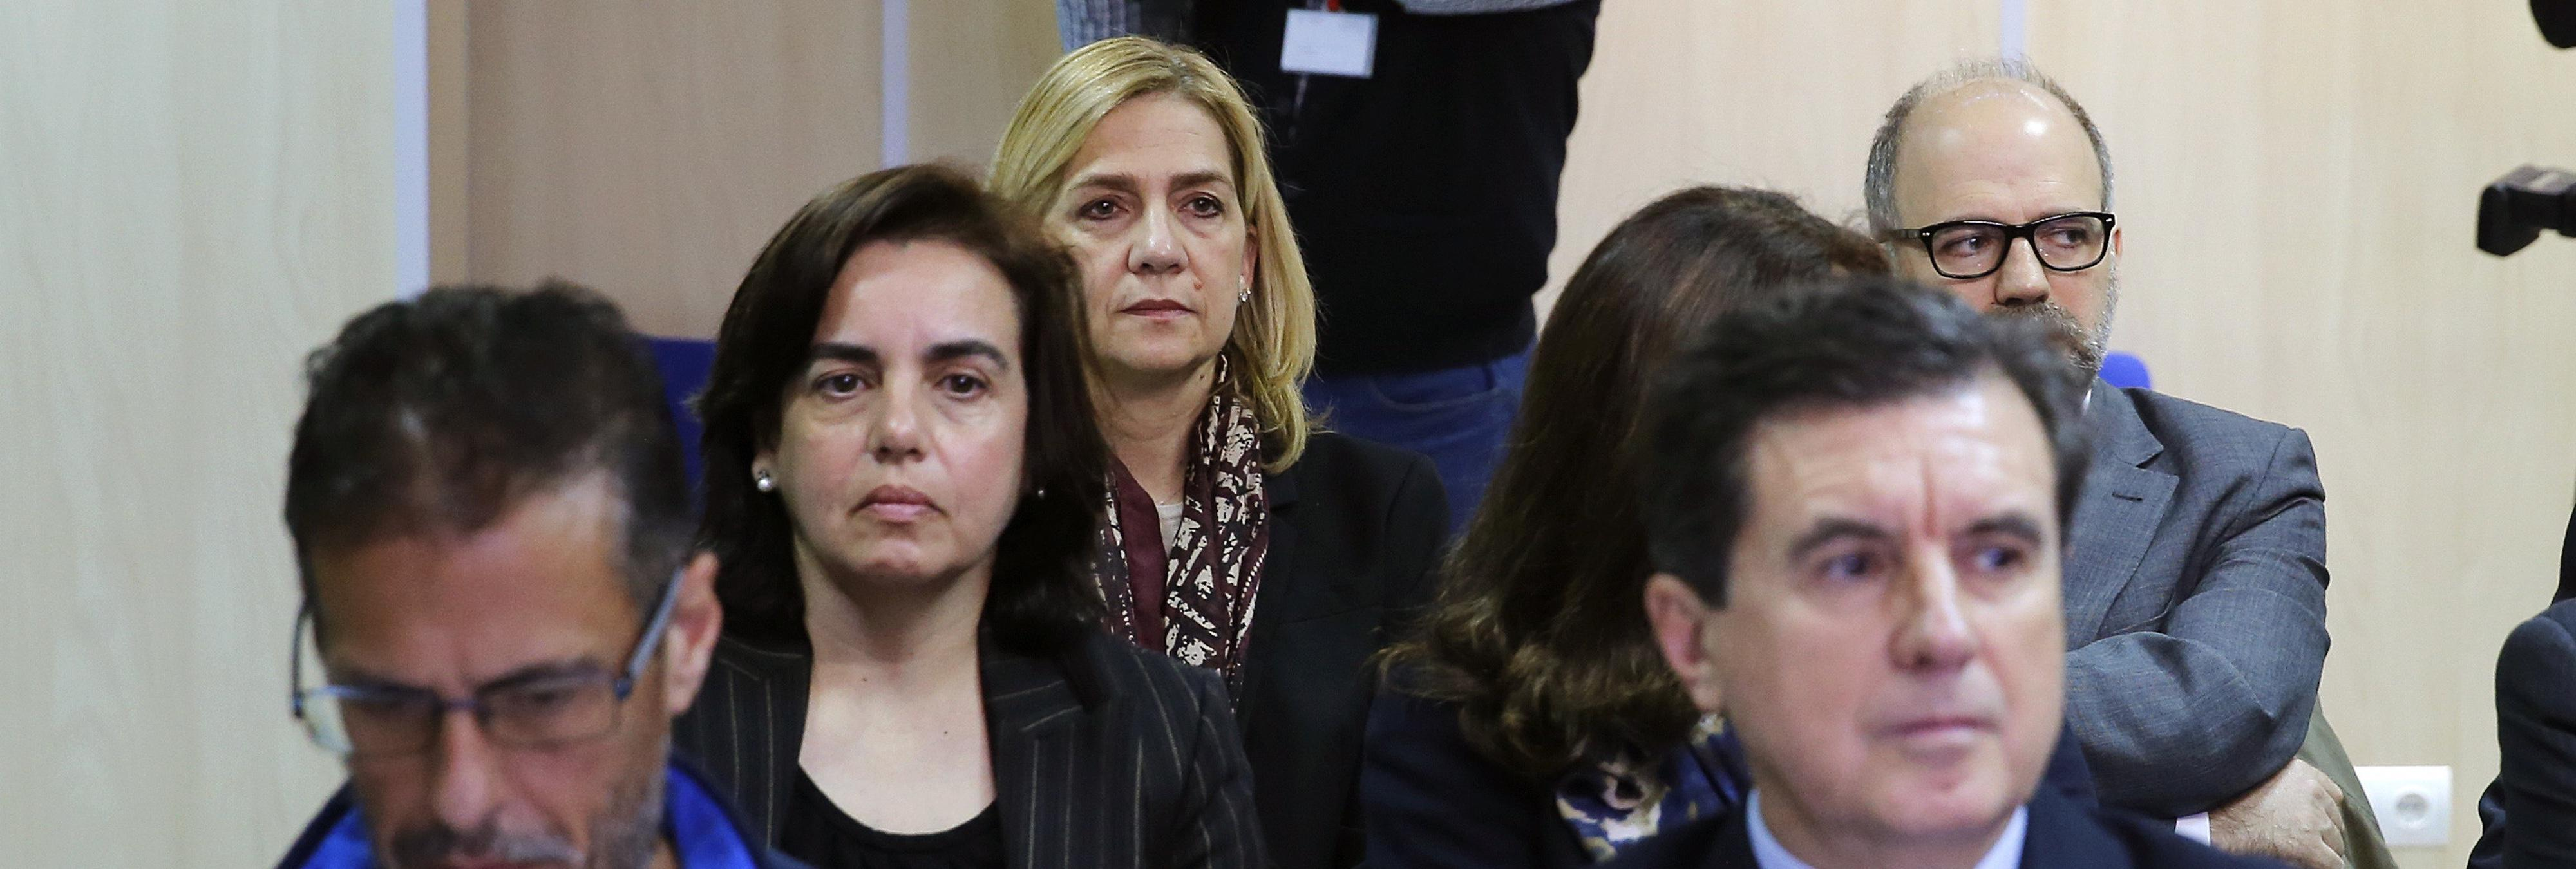 A la Infanta Cristina no se le aplicará la doctrina Botín: ¿de qué se le acusa exactamente?